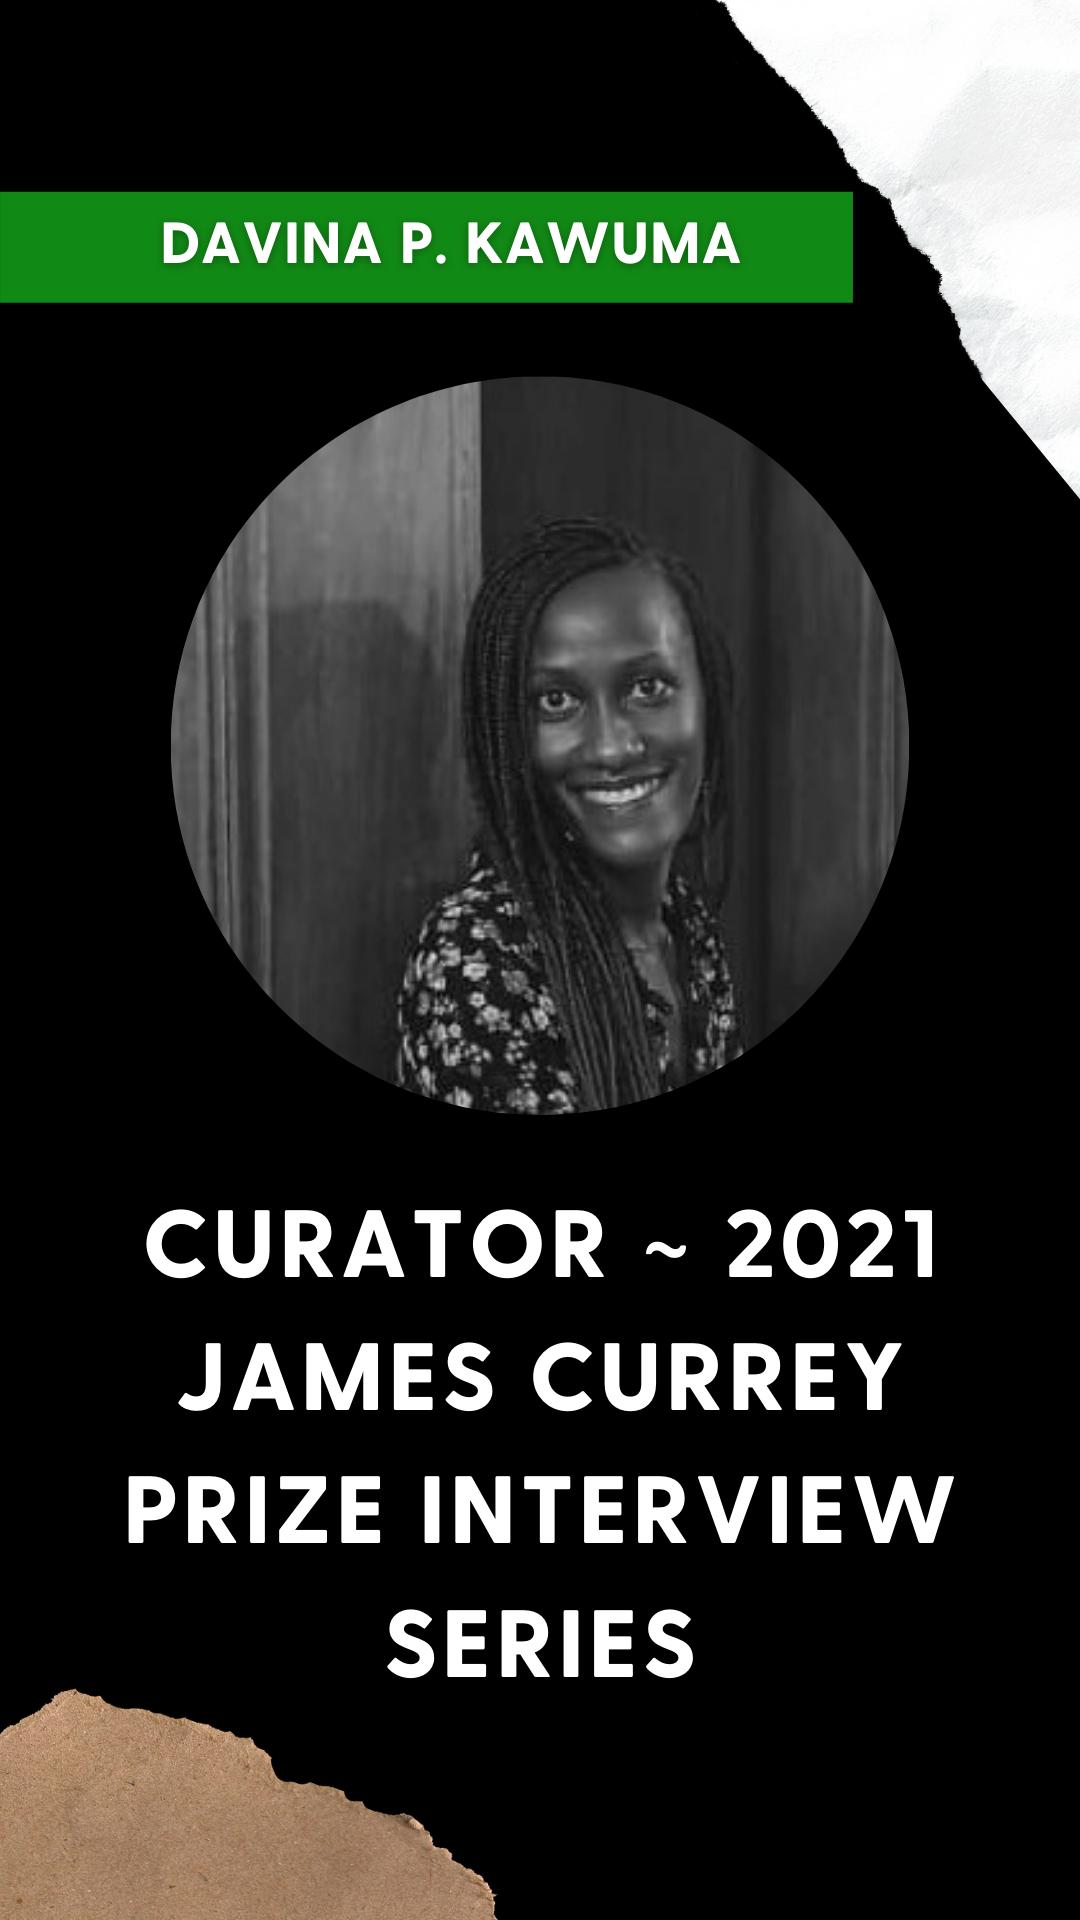 James Currey Prize Series Curator - Davina